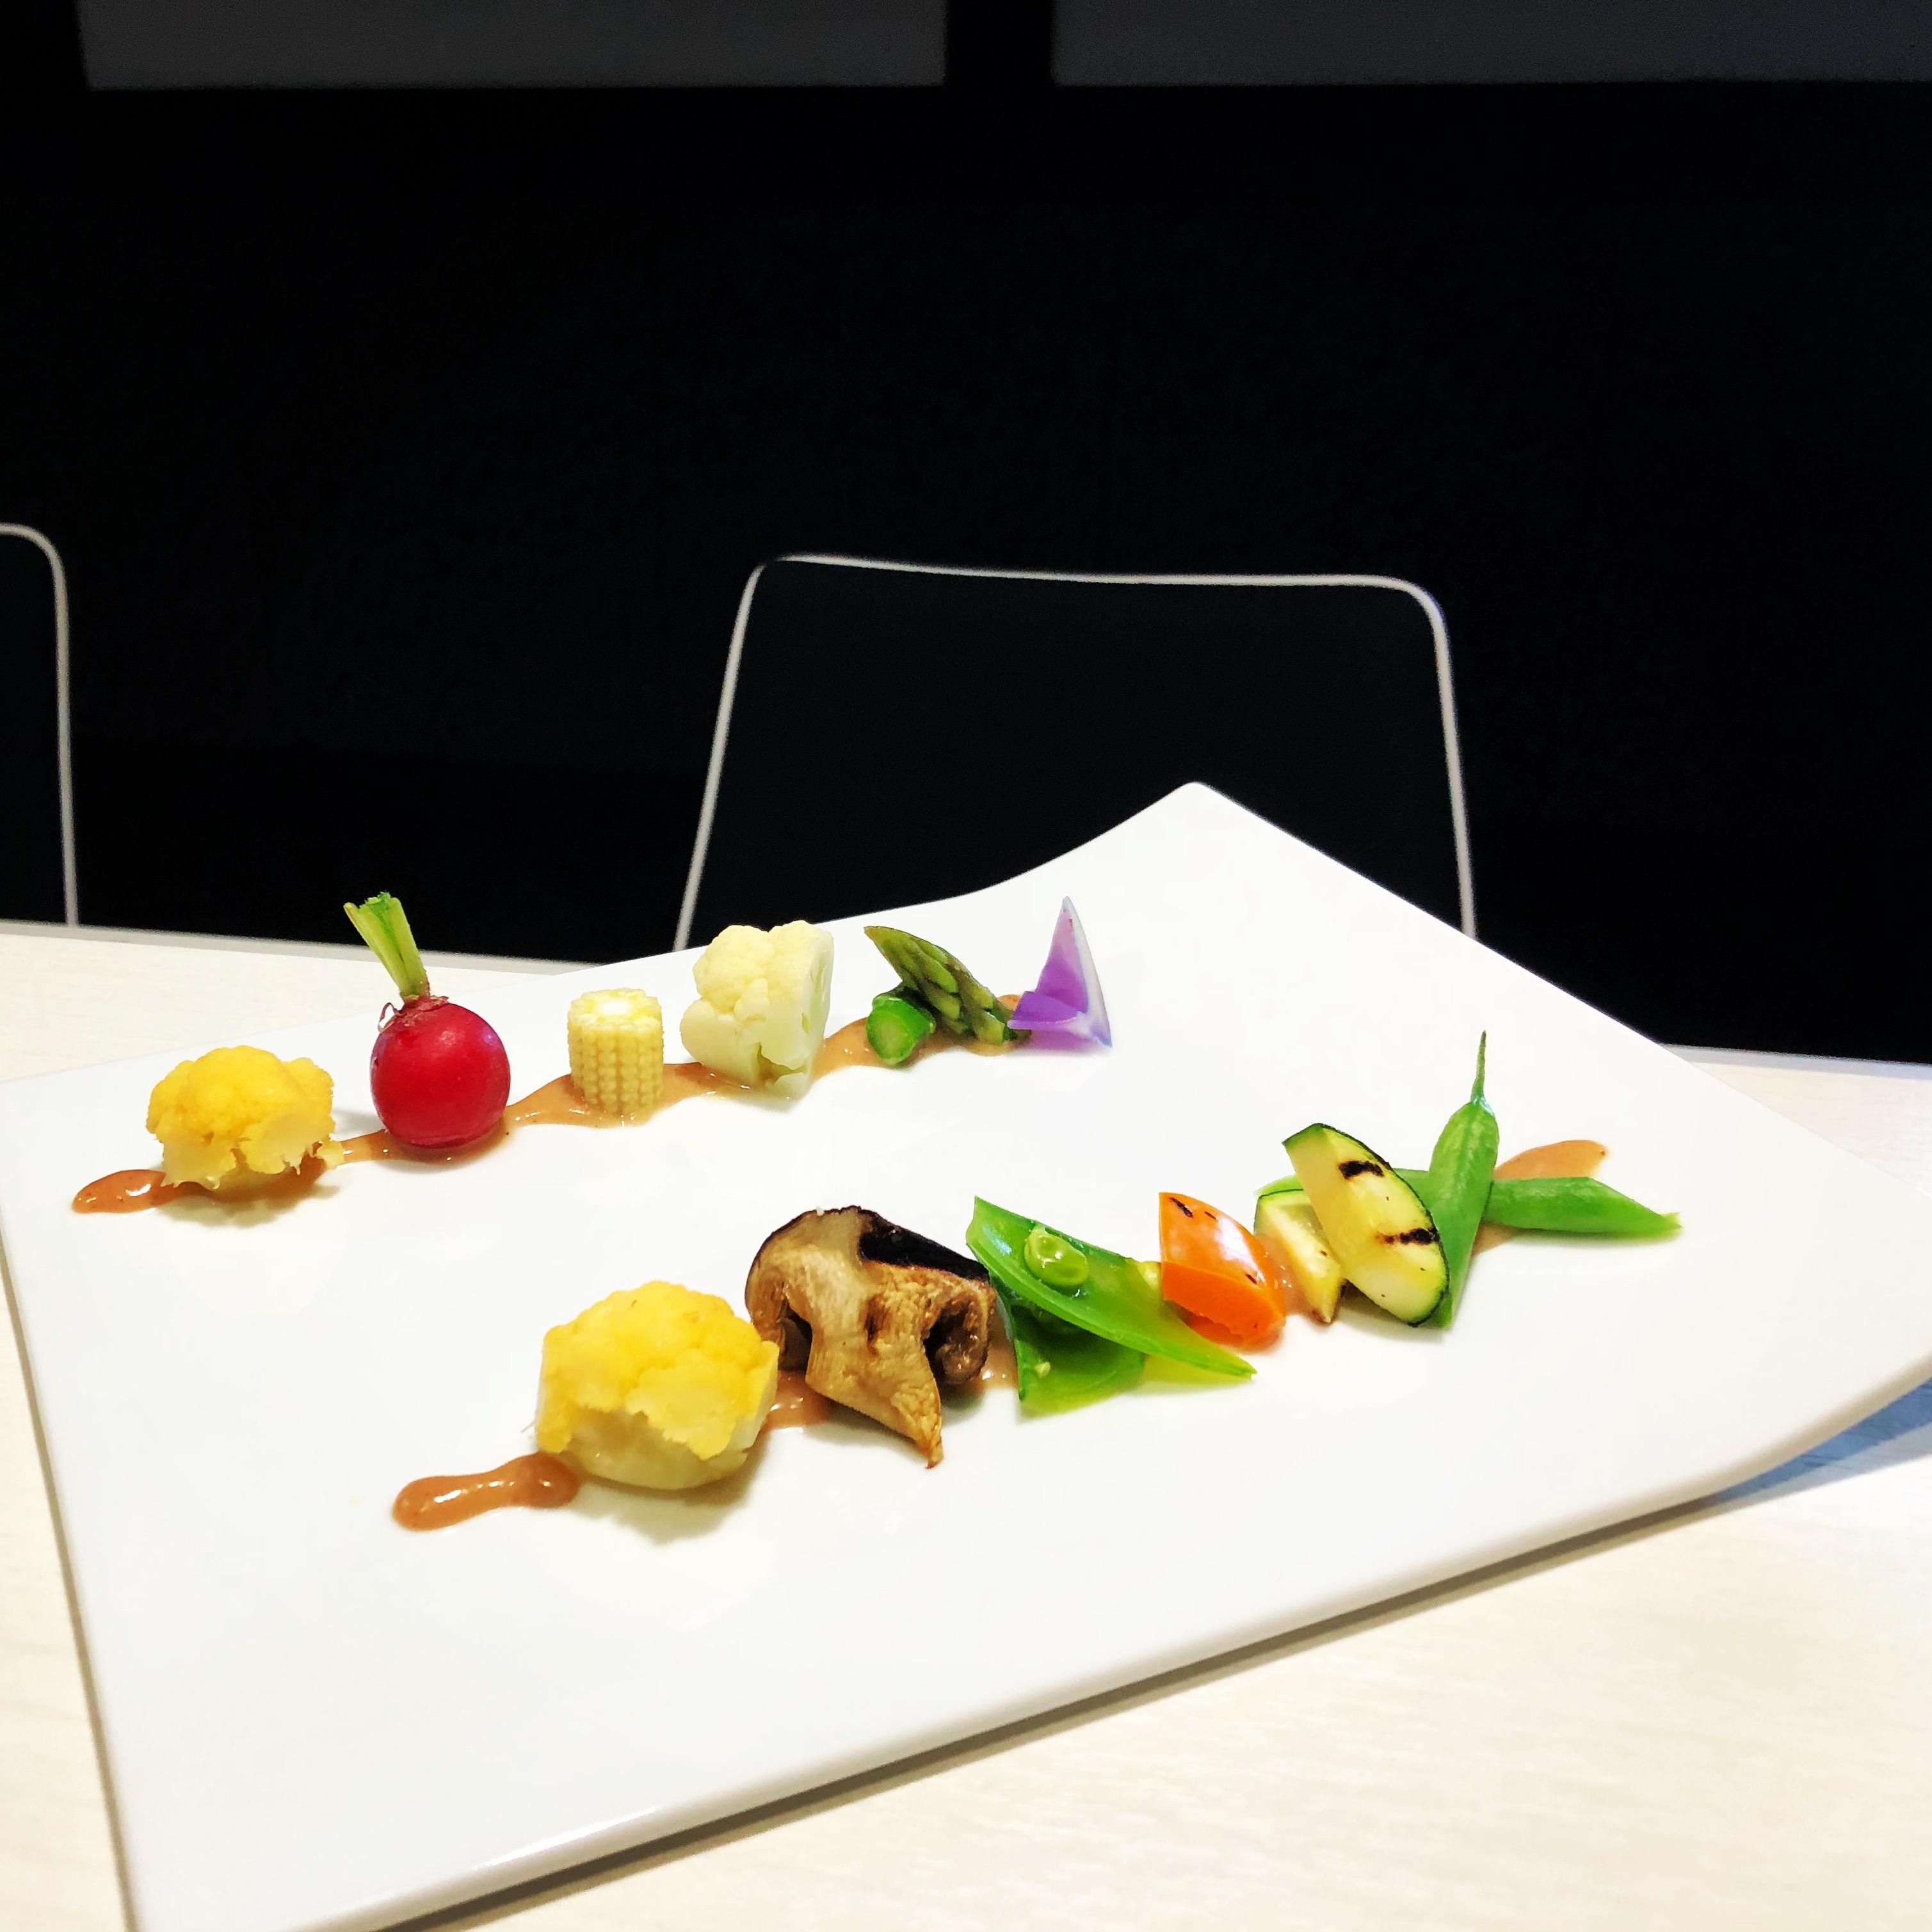 冬のポカポカ料理 ※全コースの中から3コースまでお申込みできます。 イメージ